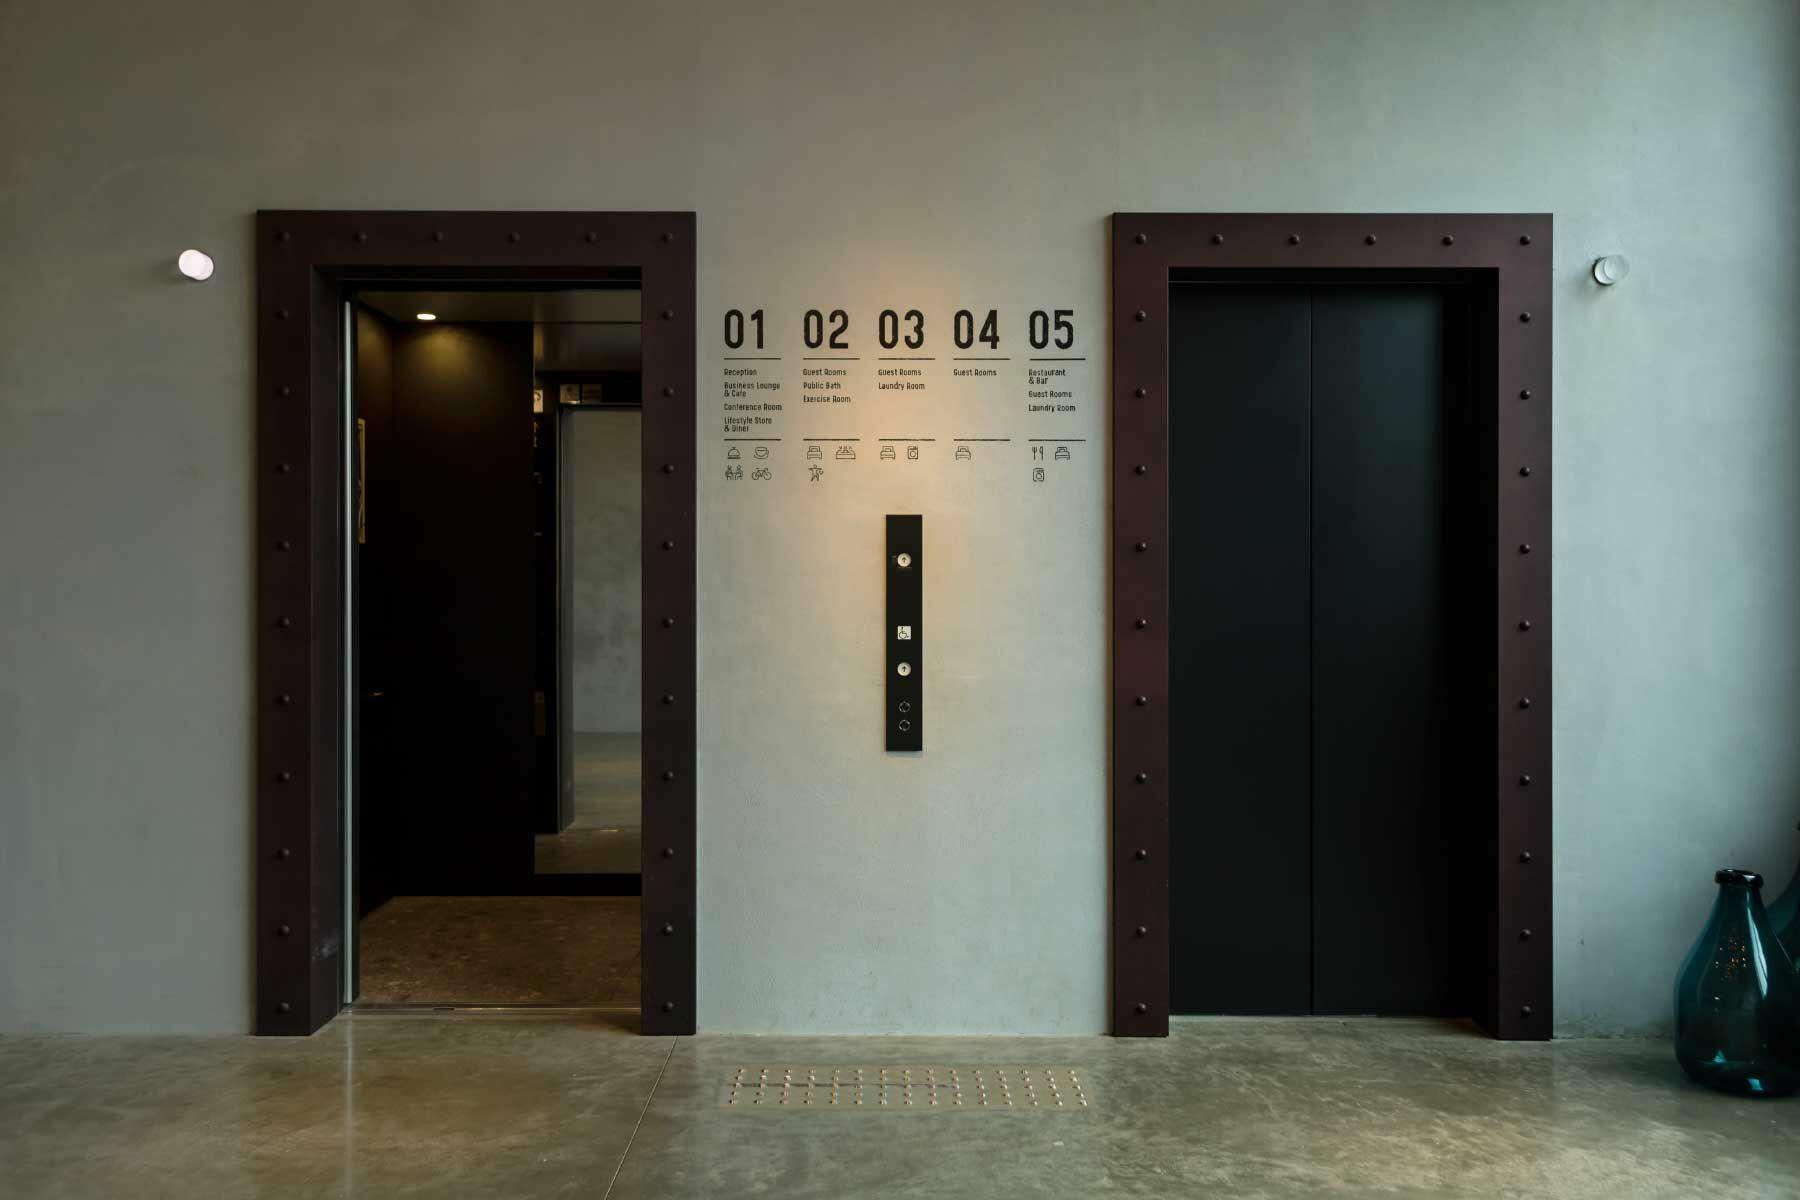 川崎キングスカイフロント東急REIホテル(トウキュウレイホテル)5Fエレベーターホール